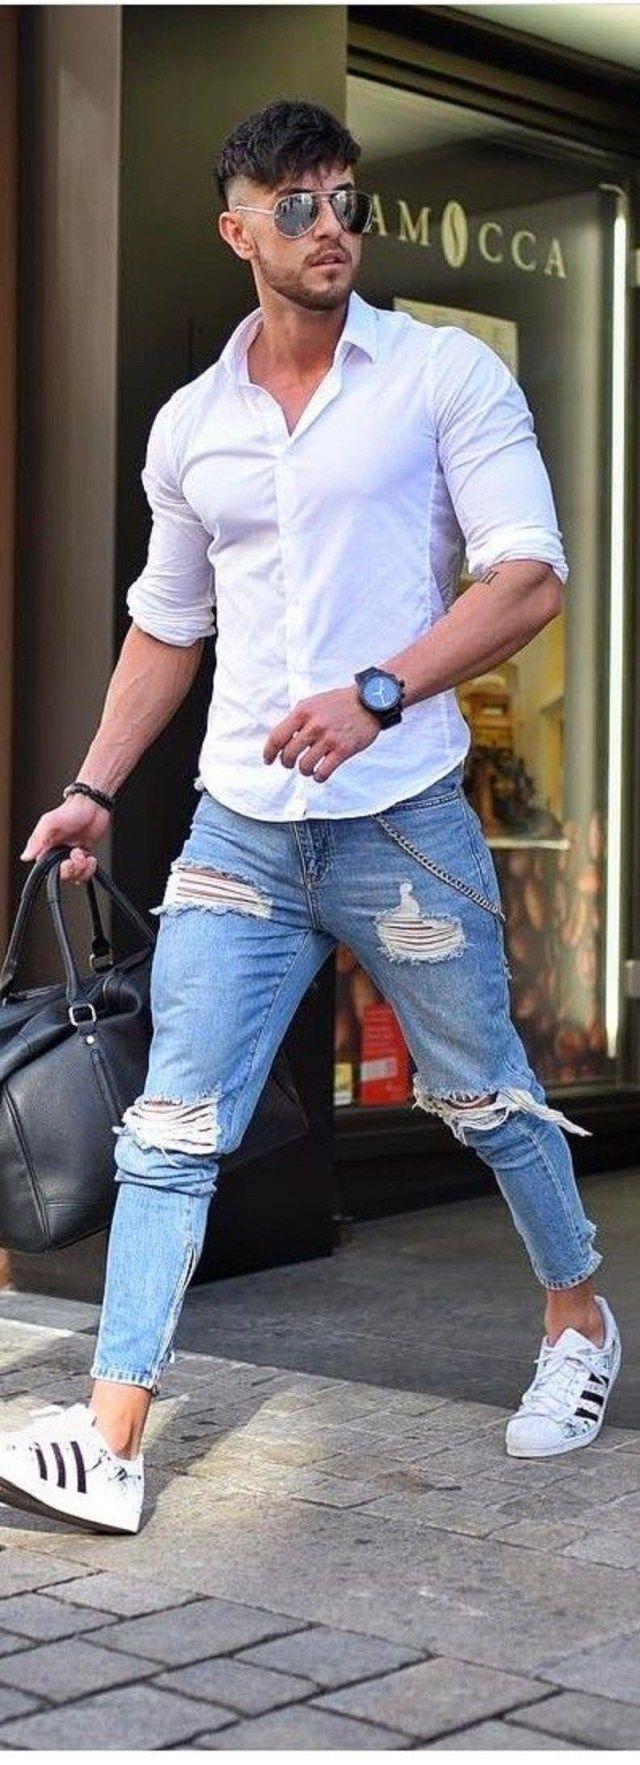 9 Inspirierende Flughafen-Outfits für Guy zum Ausprobieren